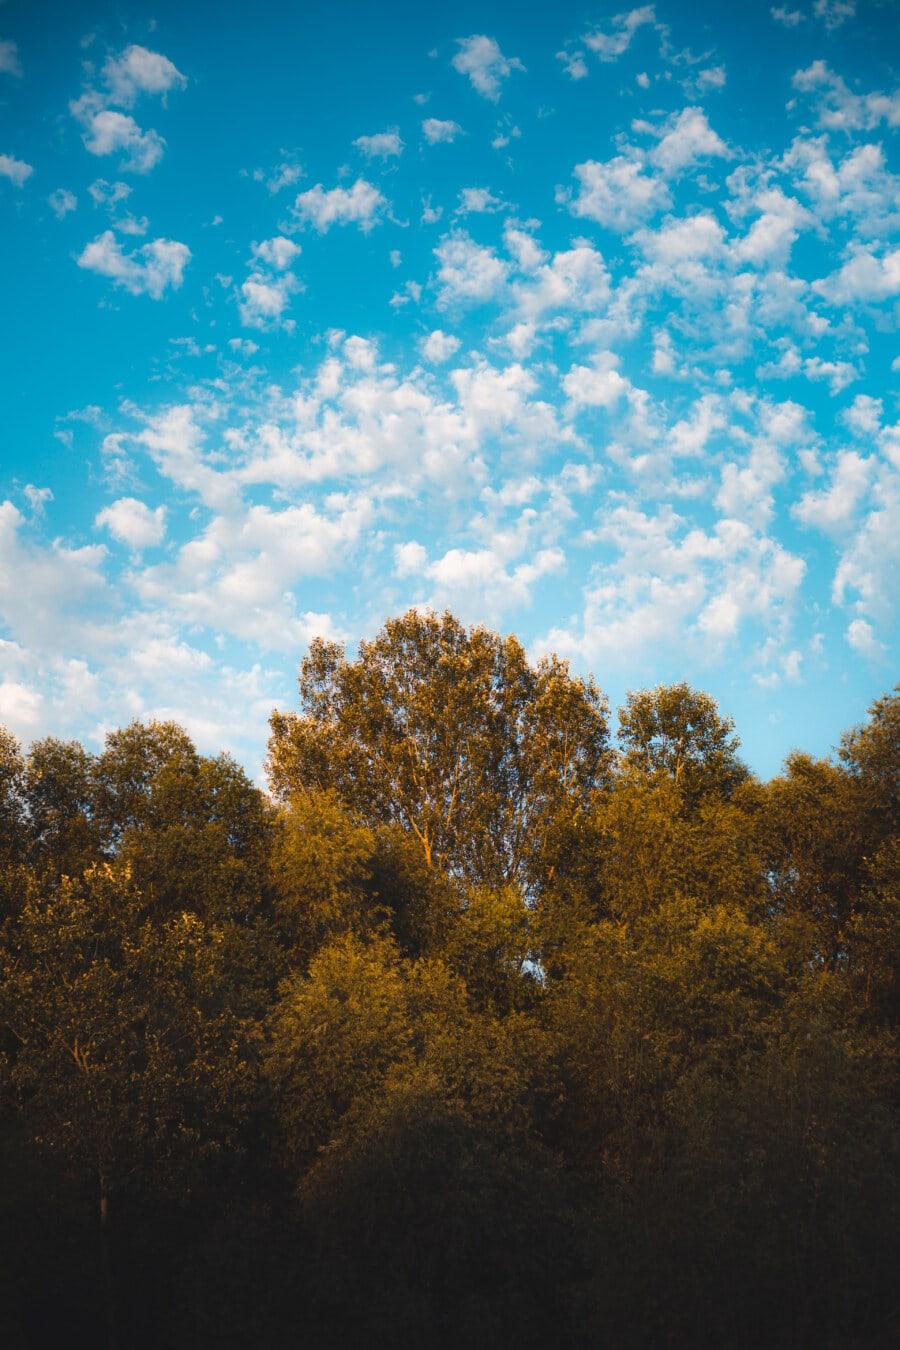 Pappel, Wald, blauer Himmel, Herbst, Landschaft, Struktur, Natur, Sonne, Schönwetter, hell